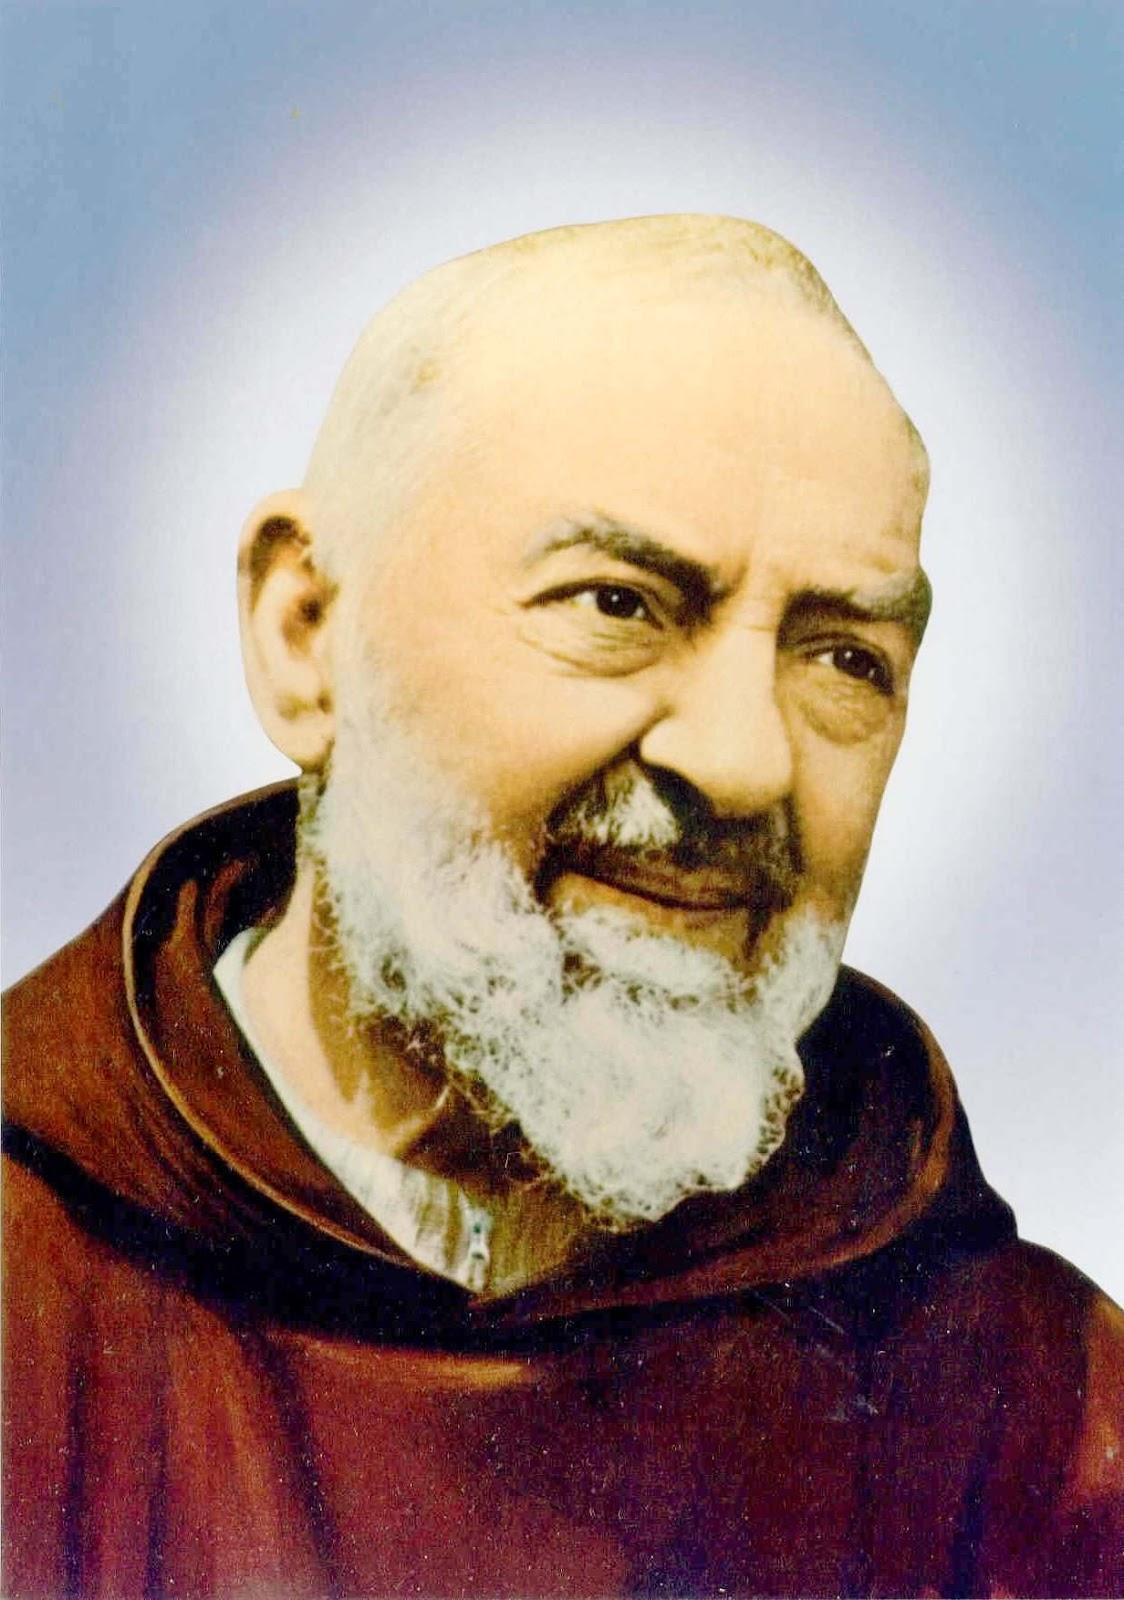 Ngày 23 Tháng Chín: Thánh Piô Năm Dấu (Padre Pio vùng Pietrelcina)